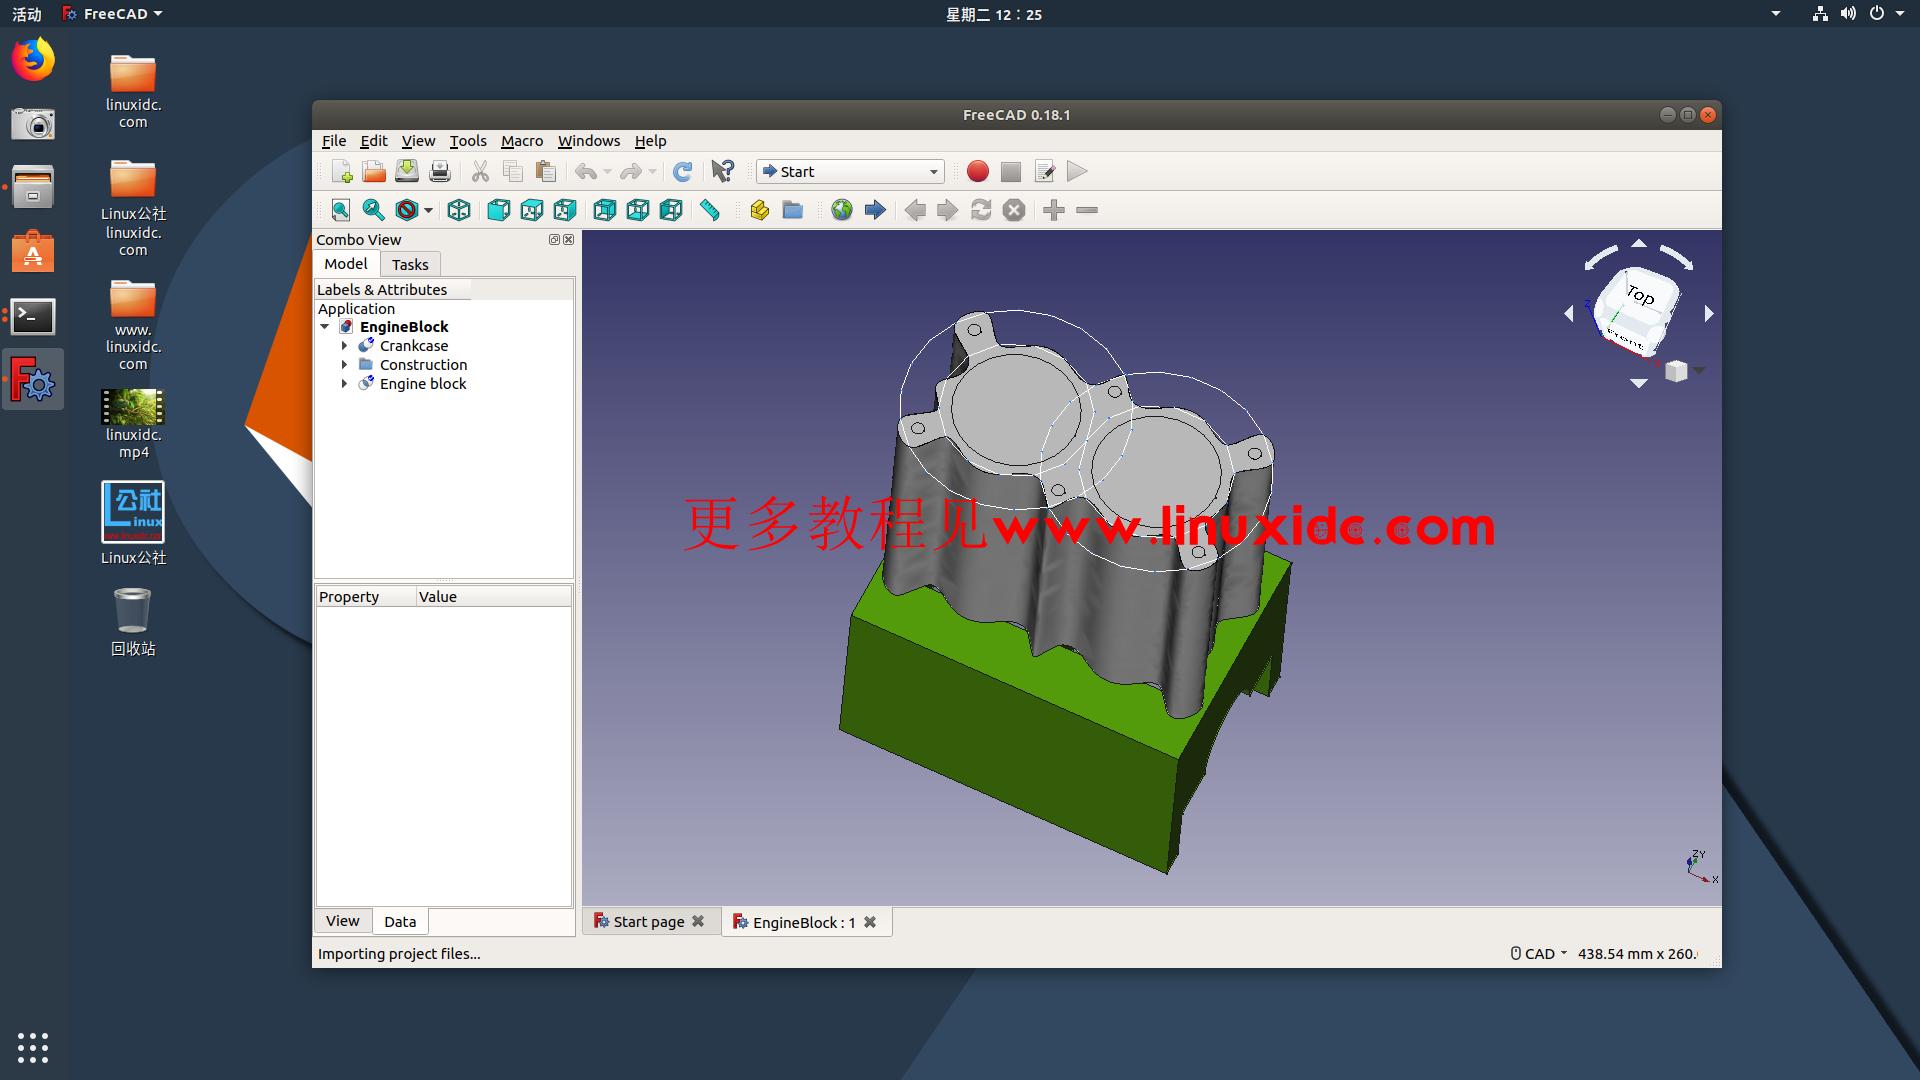 如何在Ubuntu 18.04/16.04/Linux中安装FreeCAD 0.18